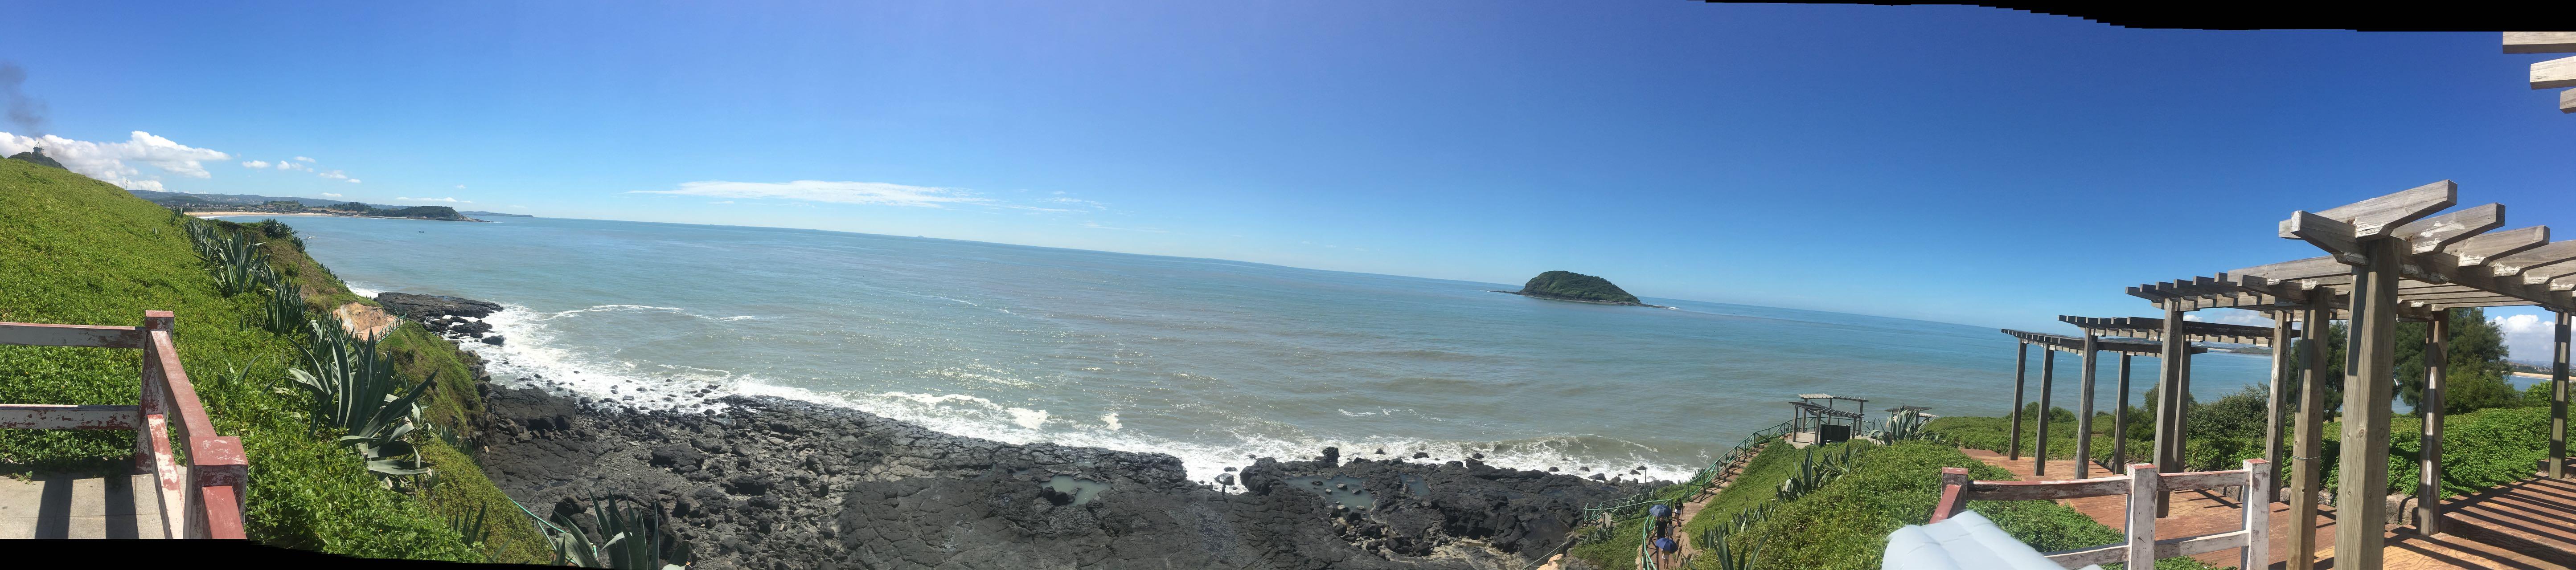 福建火山岛旅游攻略_火山岛旅游休闲度假区